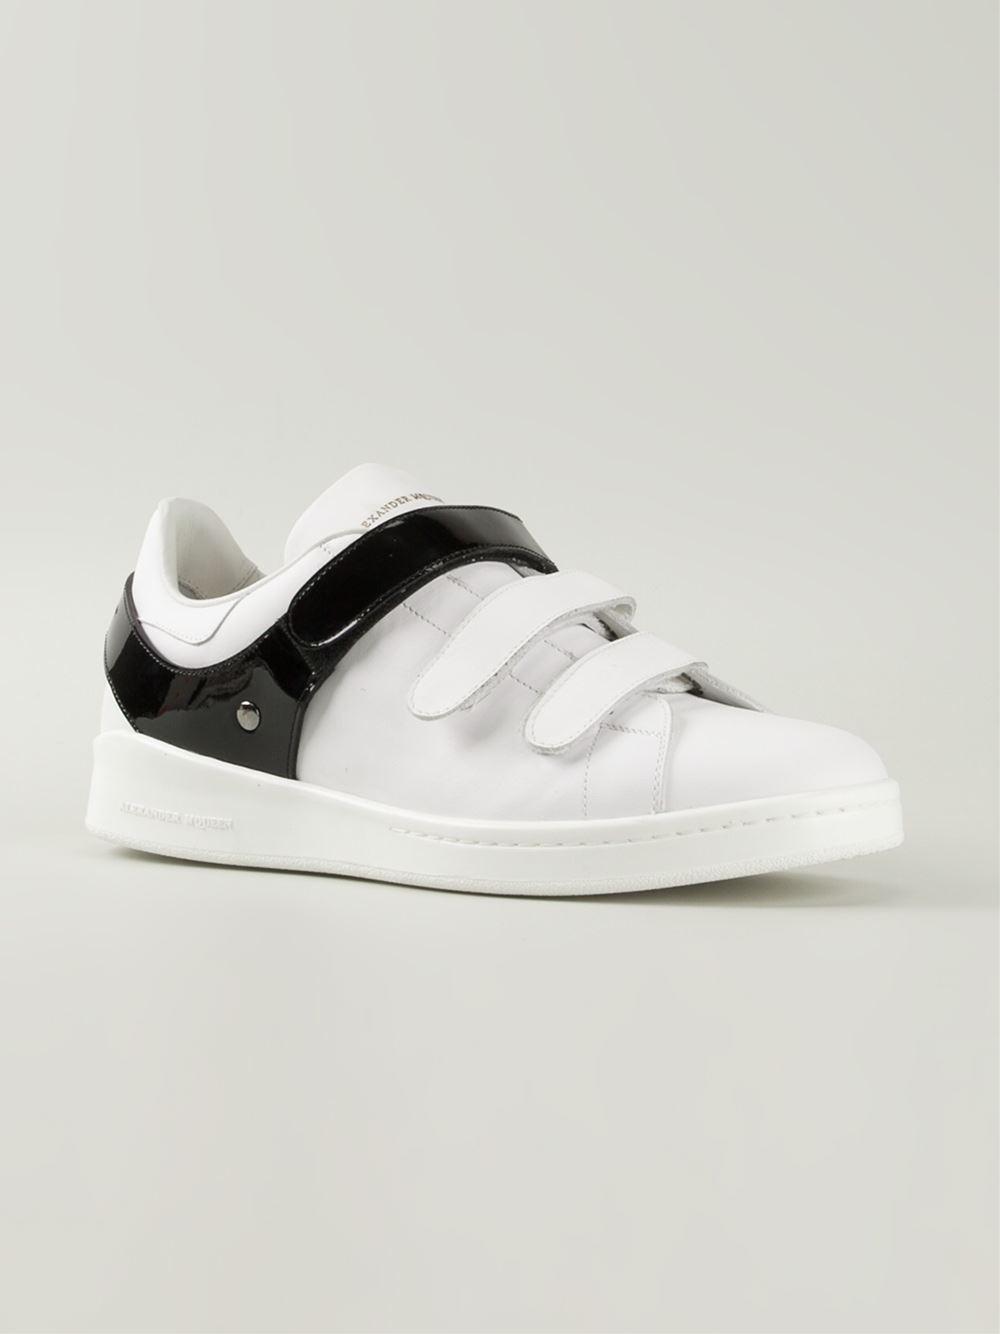 Alexander Mcqueen Velcro Sneakers in White for Men